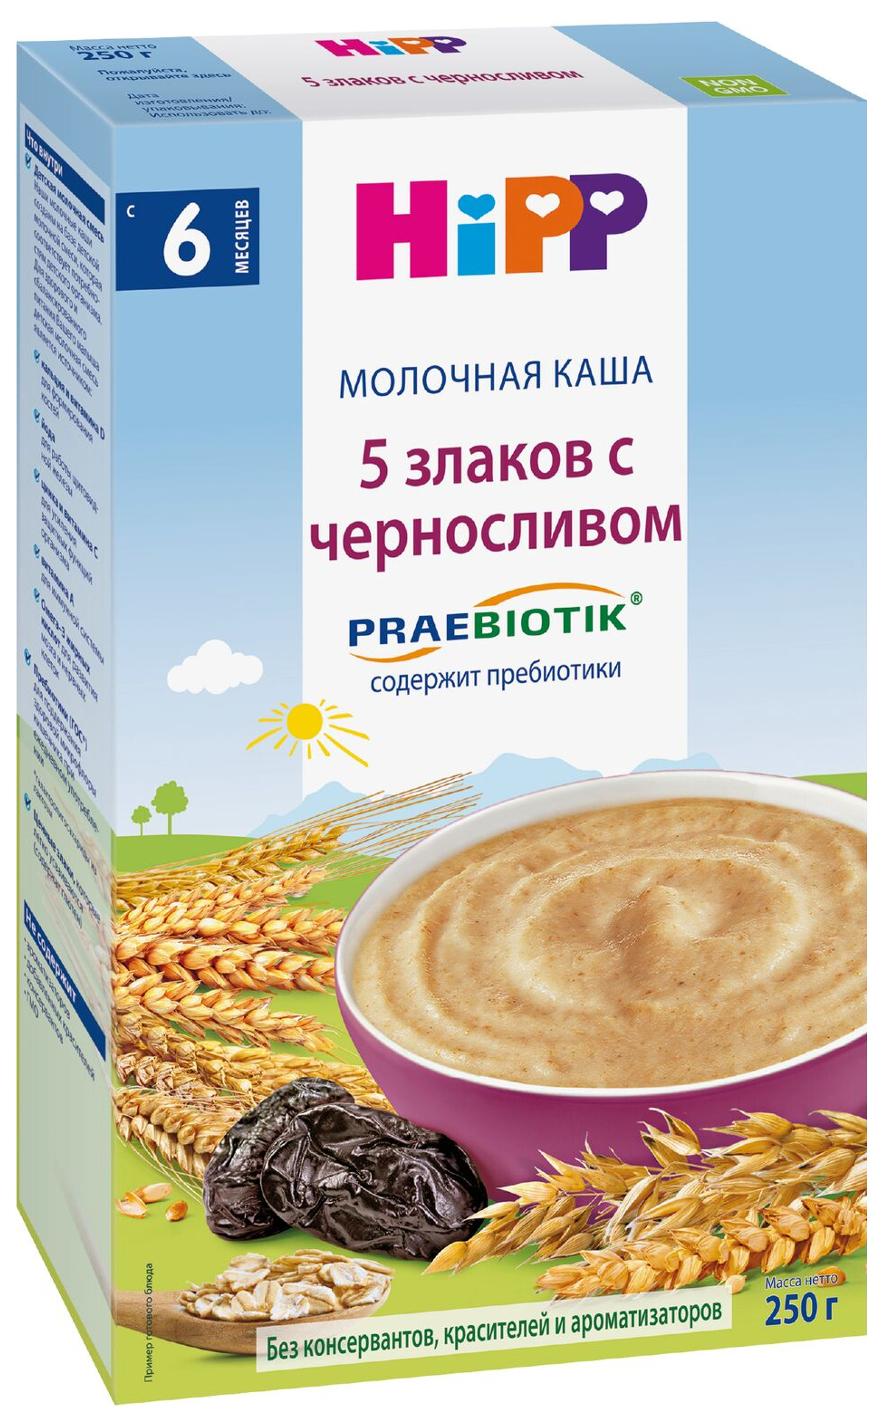 Купить Каша молочная HiPP 5 злаков с черносливом и пребиотиками с 6 мес. 250 г, Детские каши